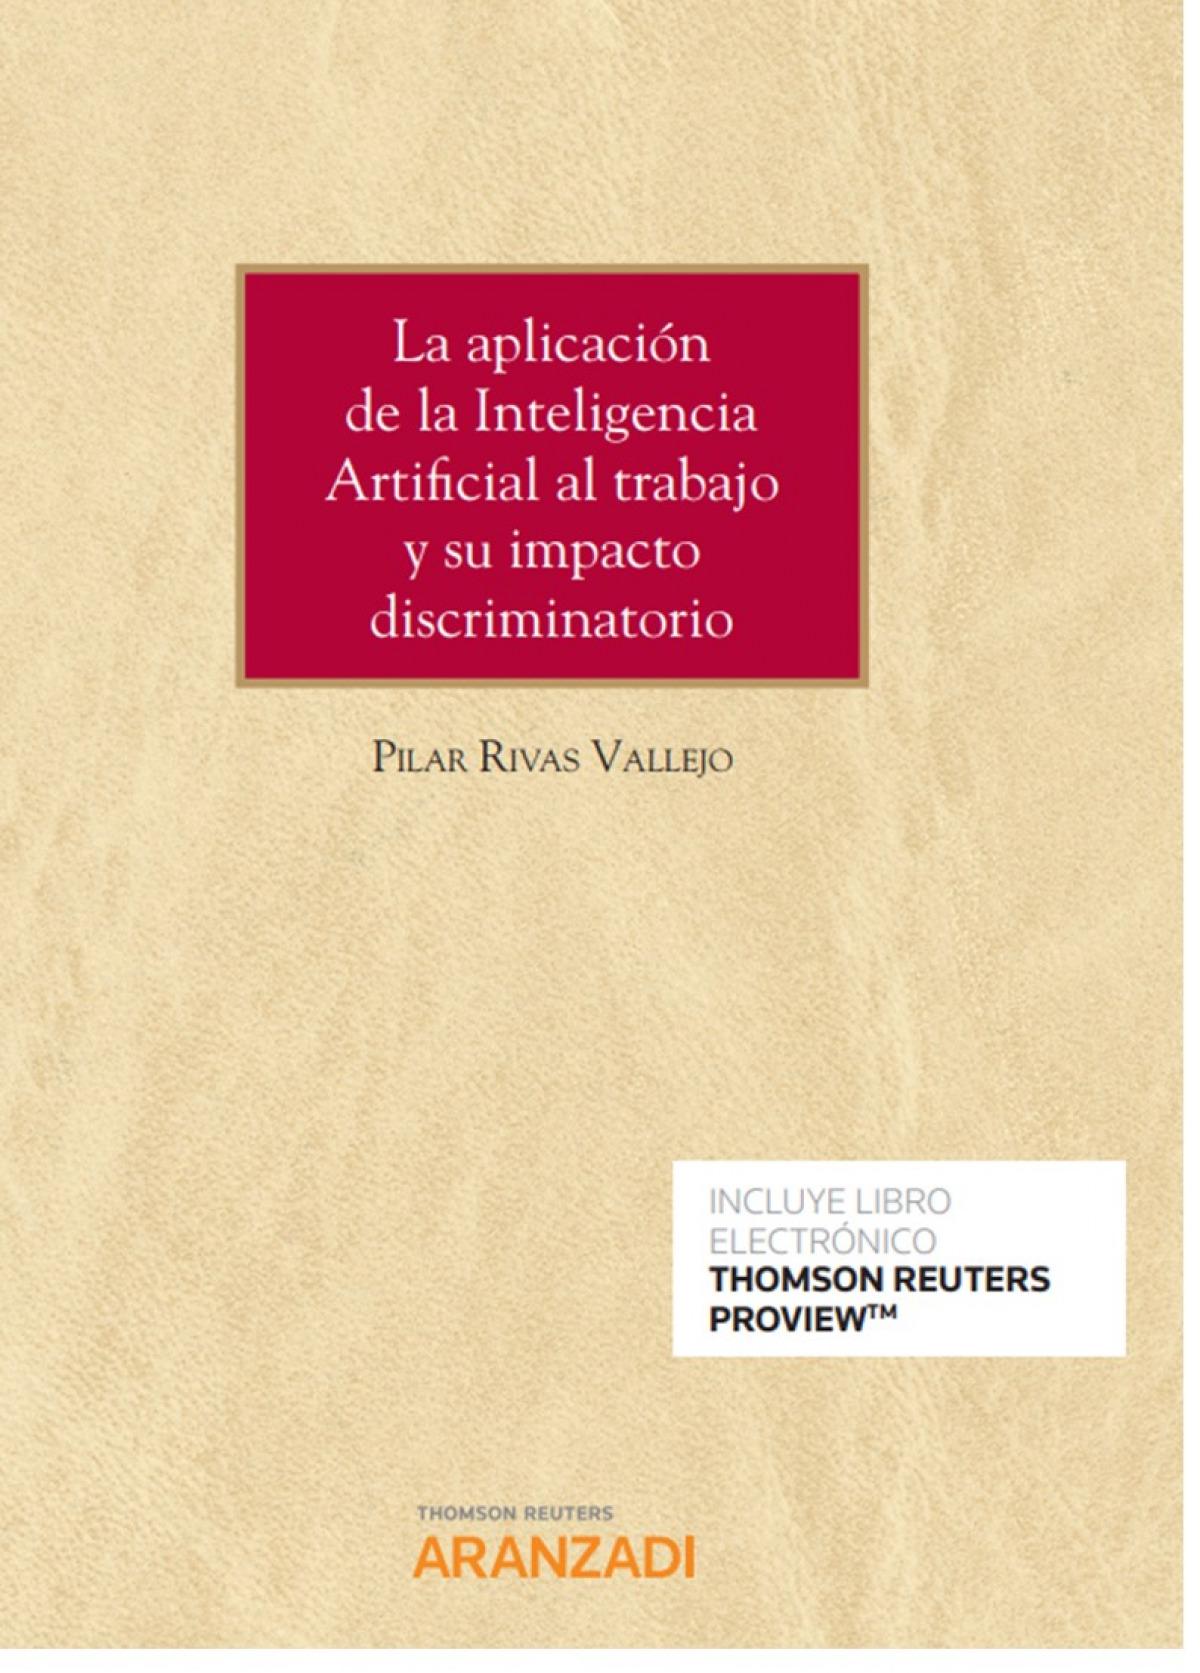 APLICACION INTELIGENCIA ARTIFICIAL TRABAJO IMPACTO DISCRIMI 9788413457055